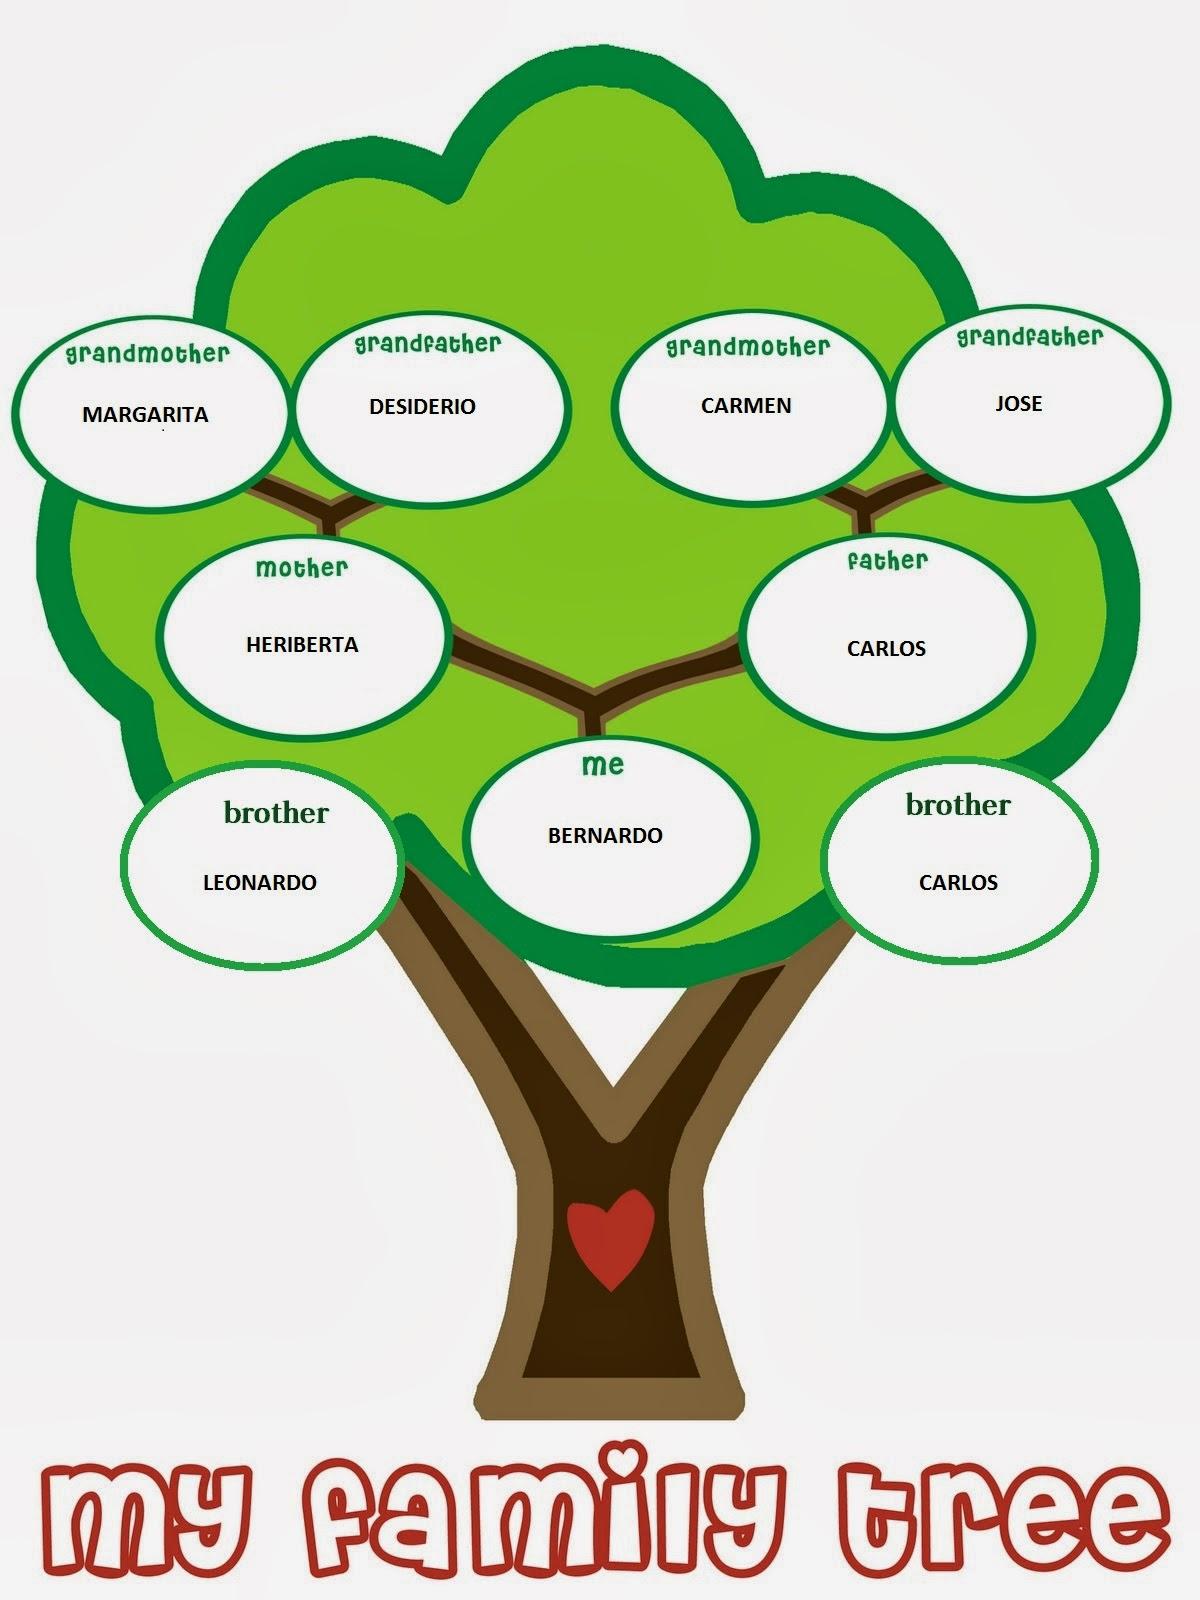 Ingles I My Familiar Tree